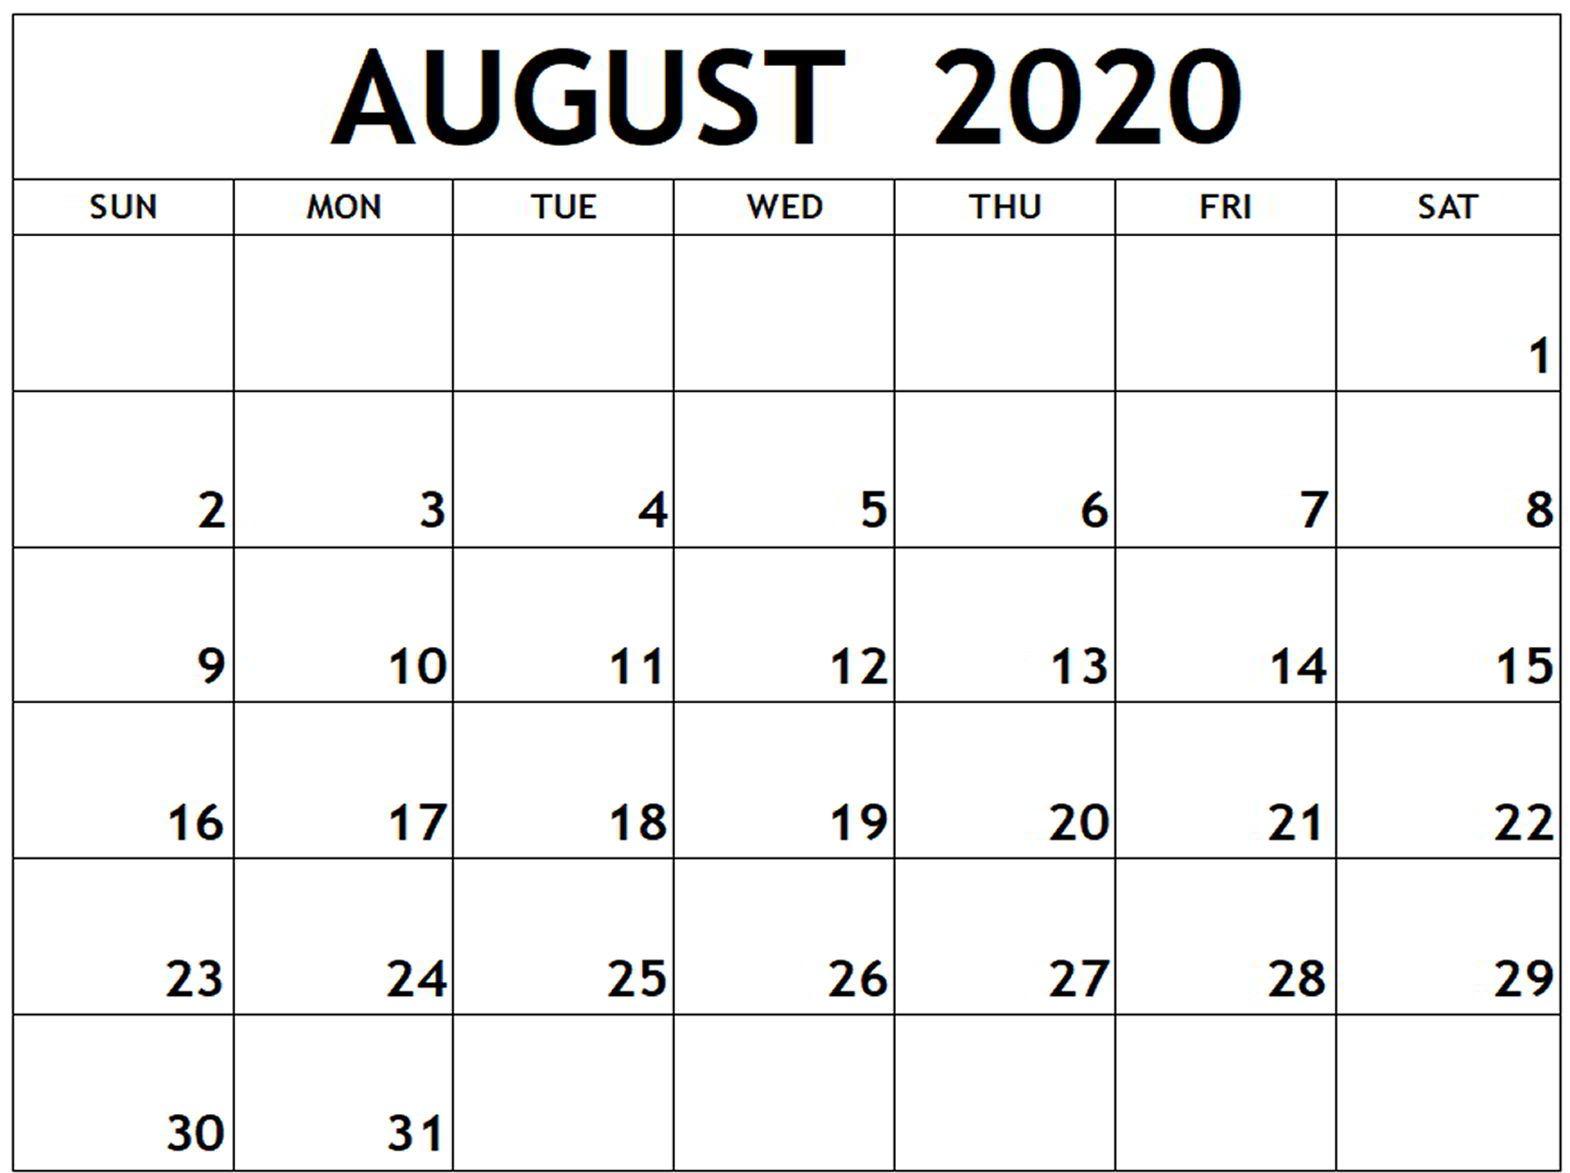 August 2020 Calendar Blank Template